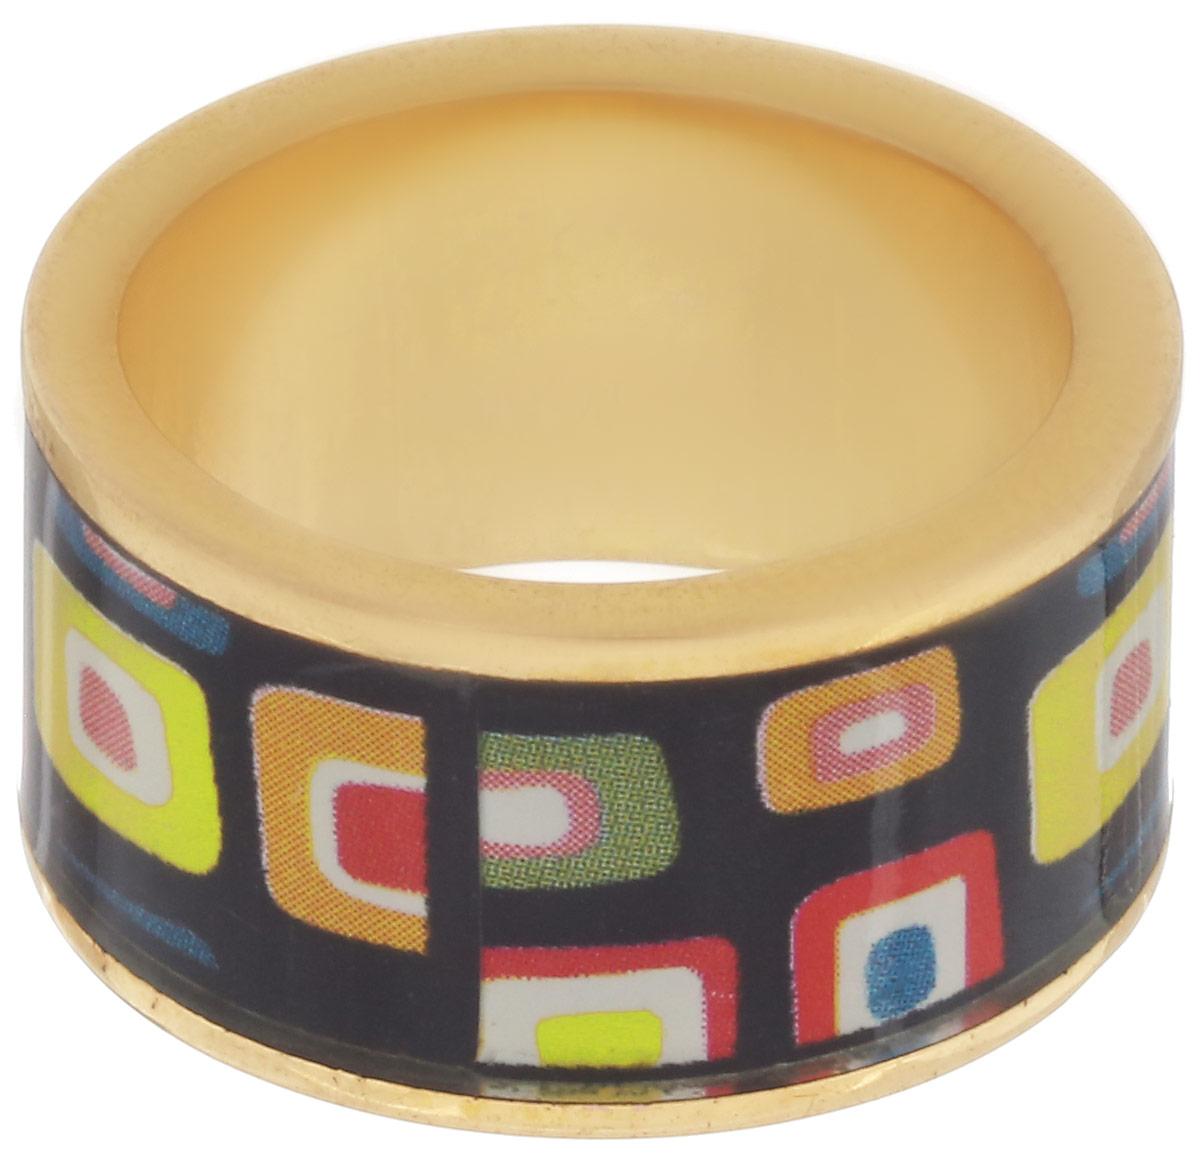 Кольцо Art-Silver, цвет: золотой, черный, мультиколор. ФК105-320. Размер 16,5ФК105-320Великолепное кольцо Art-Silver изготовлено из бижутерного сплава и покрыто золотом 0,01 мкрн. Изделие оформлено оригинальным геометрическим орнаментом выполненным из эмали. Стильное кольцо придаст вашему образу изюминку и подчеркнет индивидуальность.